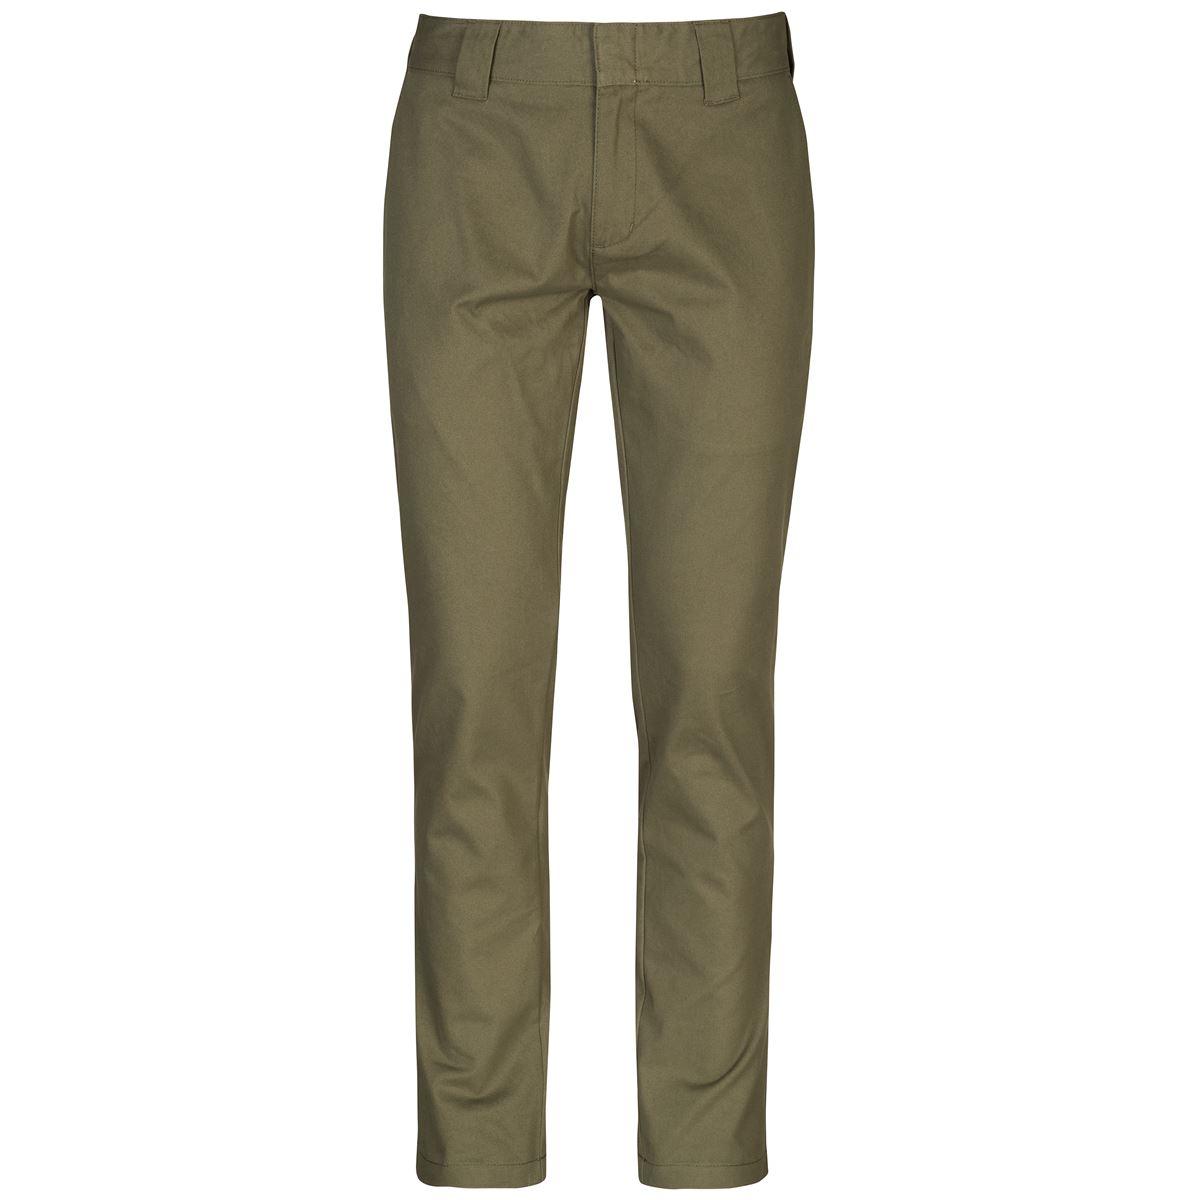 Robe di Kappa Pantaloni uomo-681132W